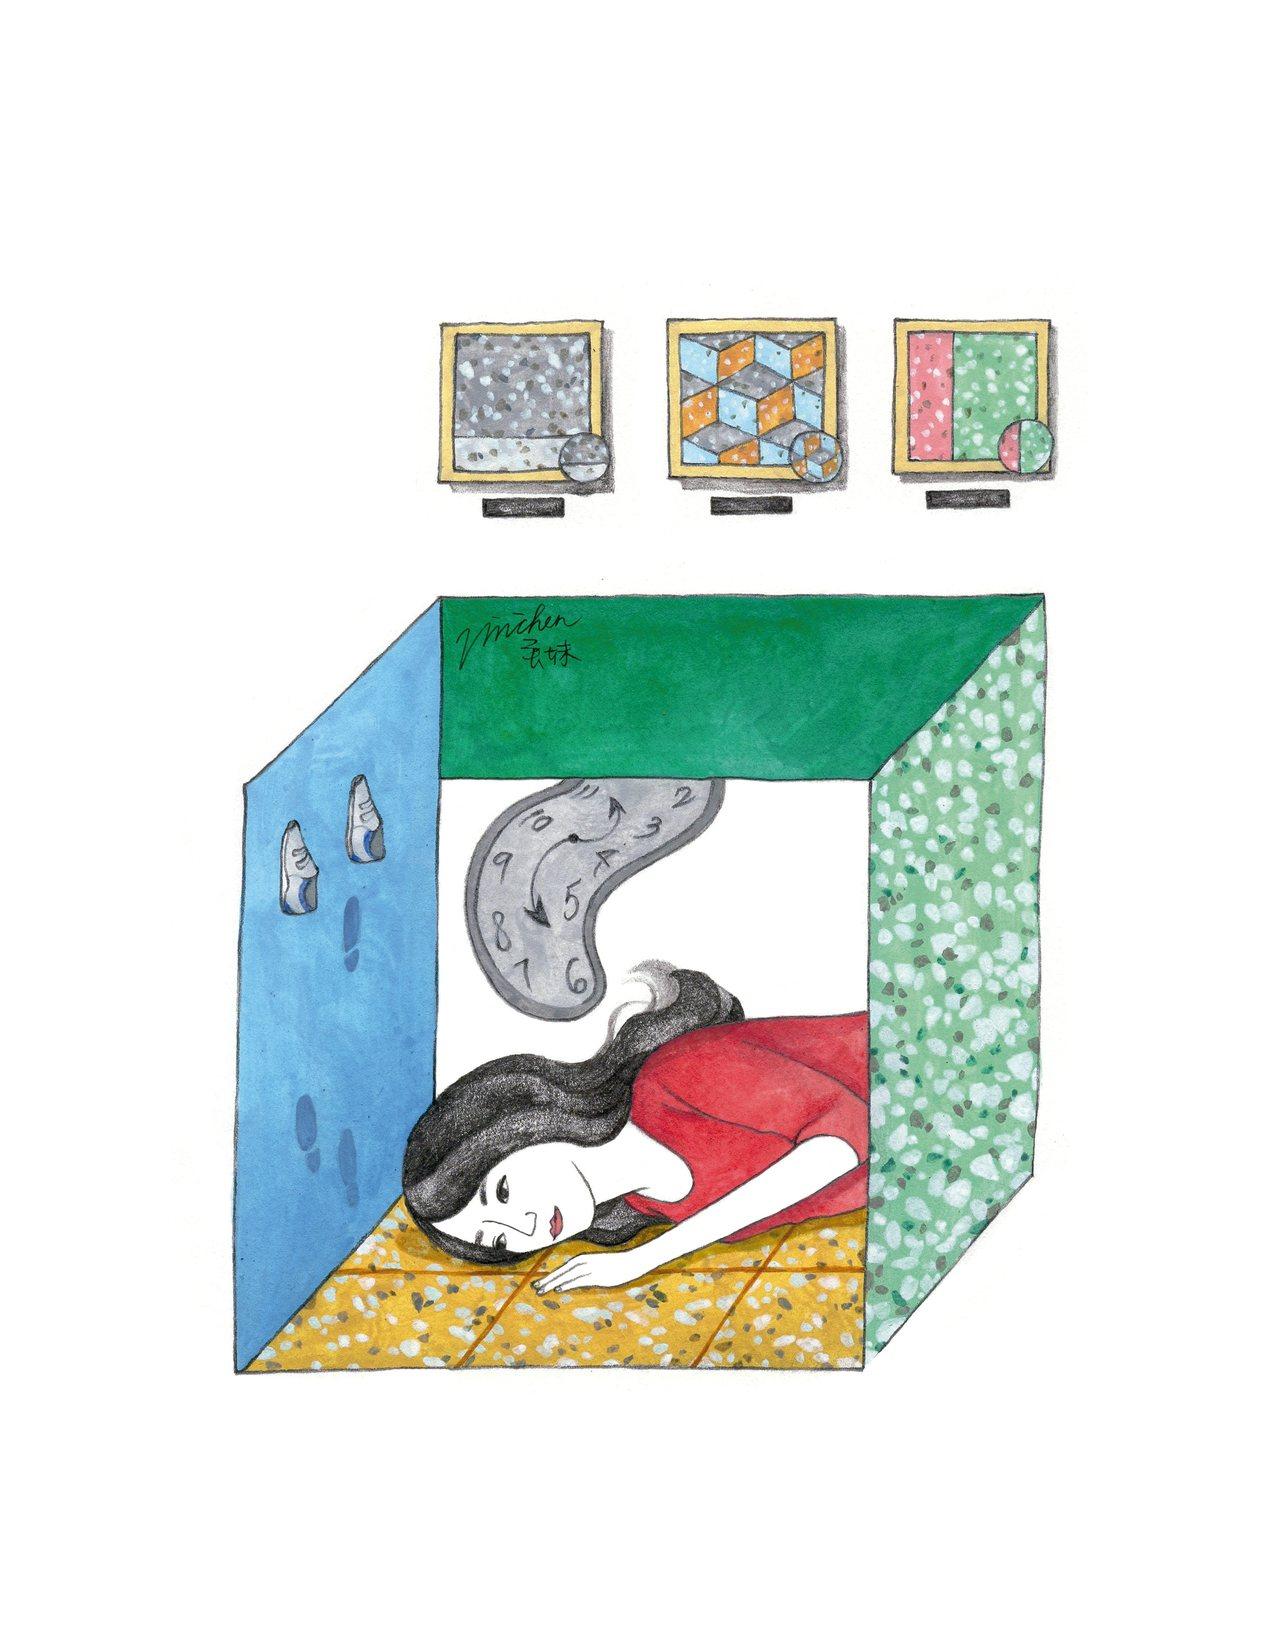 獲悉迪化街二○七博物館有磨石子藝術展,我迫不及待地前往參觀,只因老家的地板就是以...